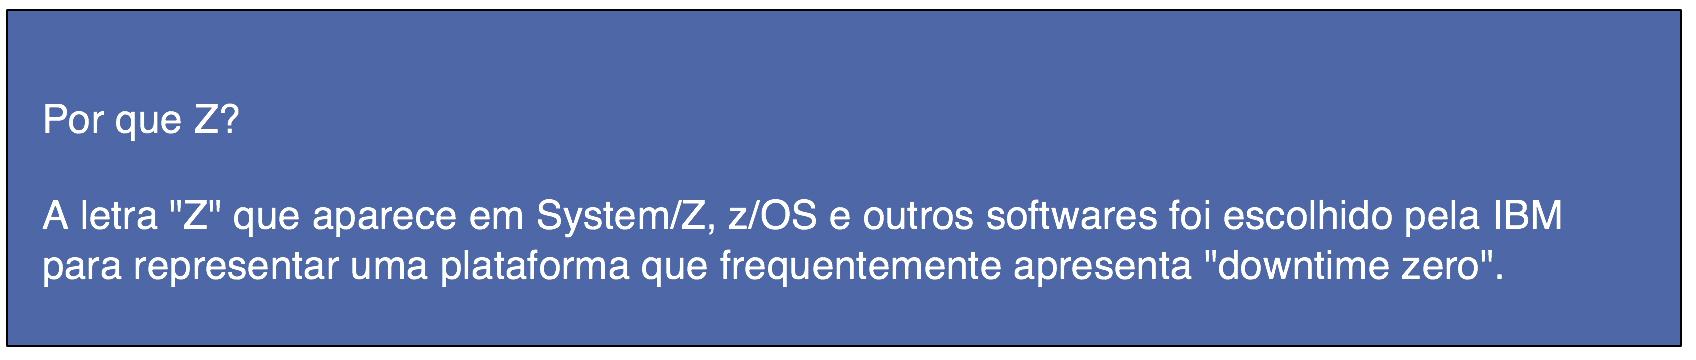 Por que System/Z?